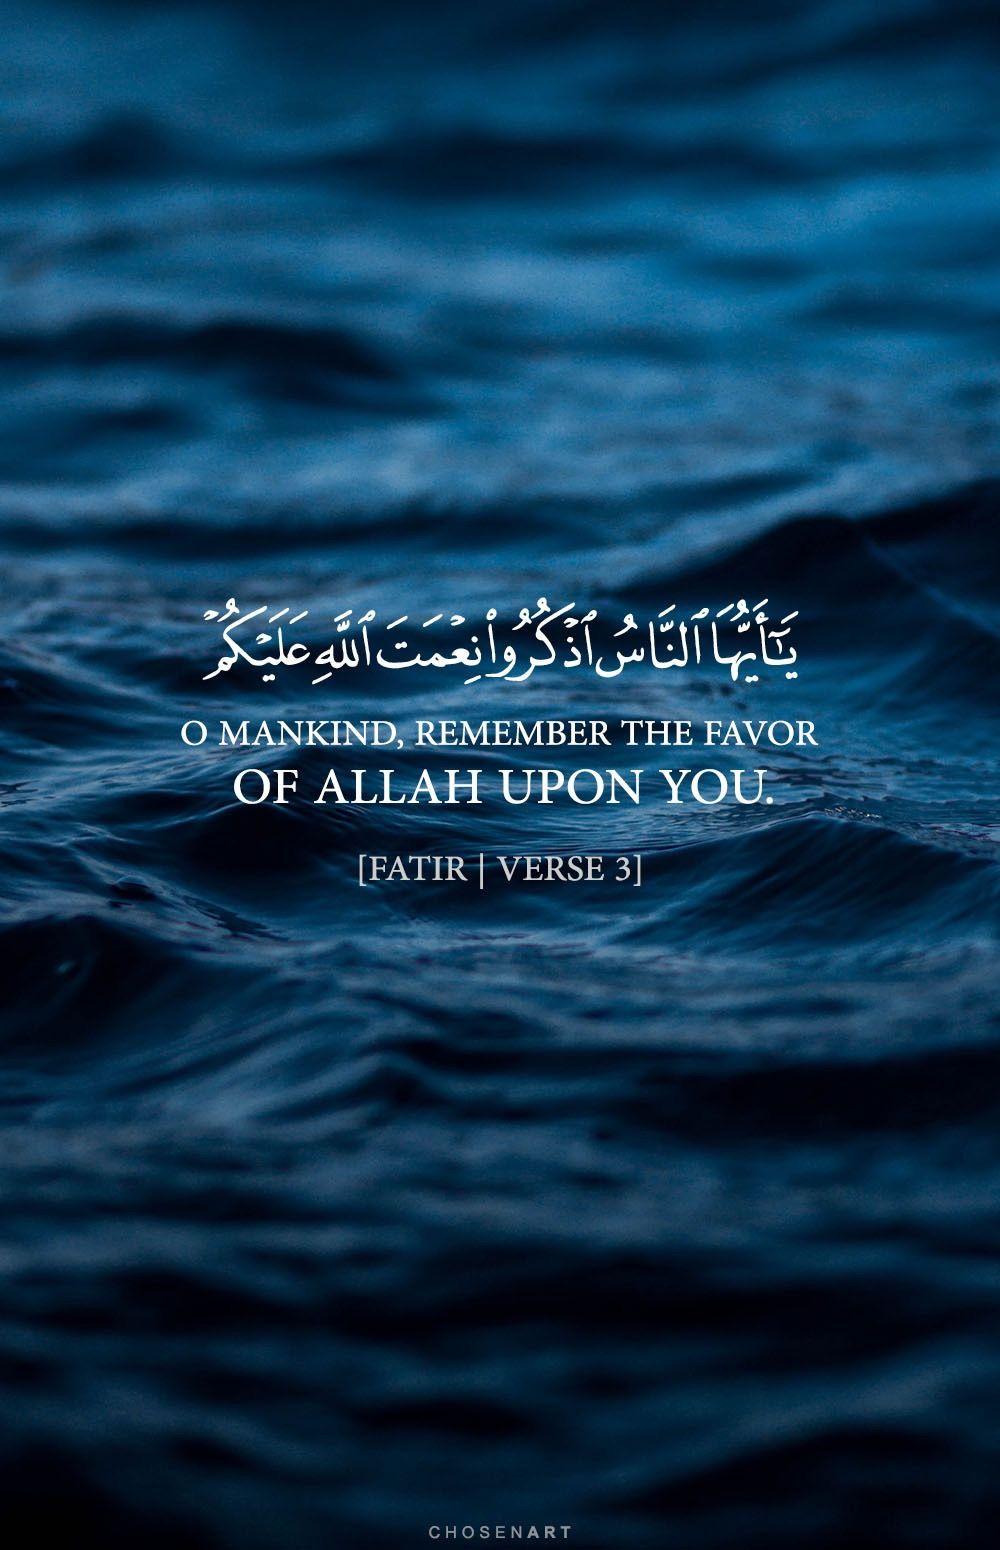 Allah favour  Quran quotes, Quran quotes inspirational, Quran verses